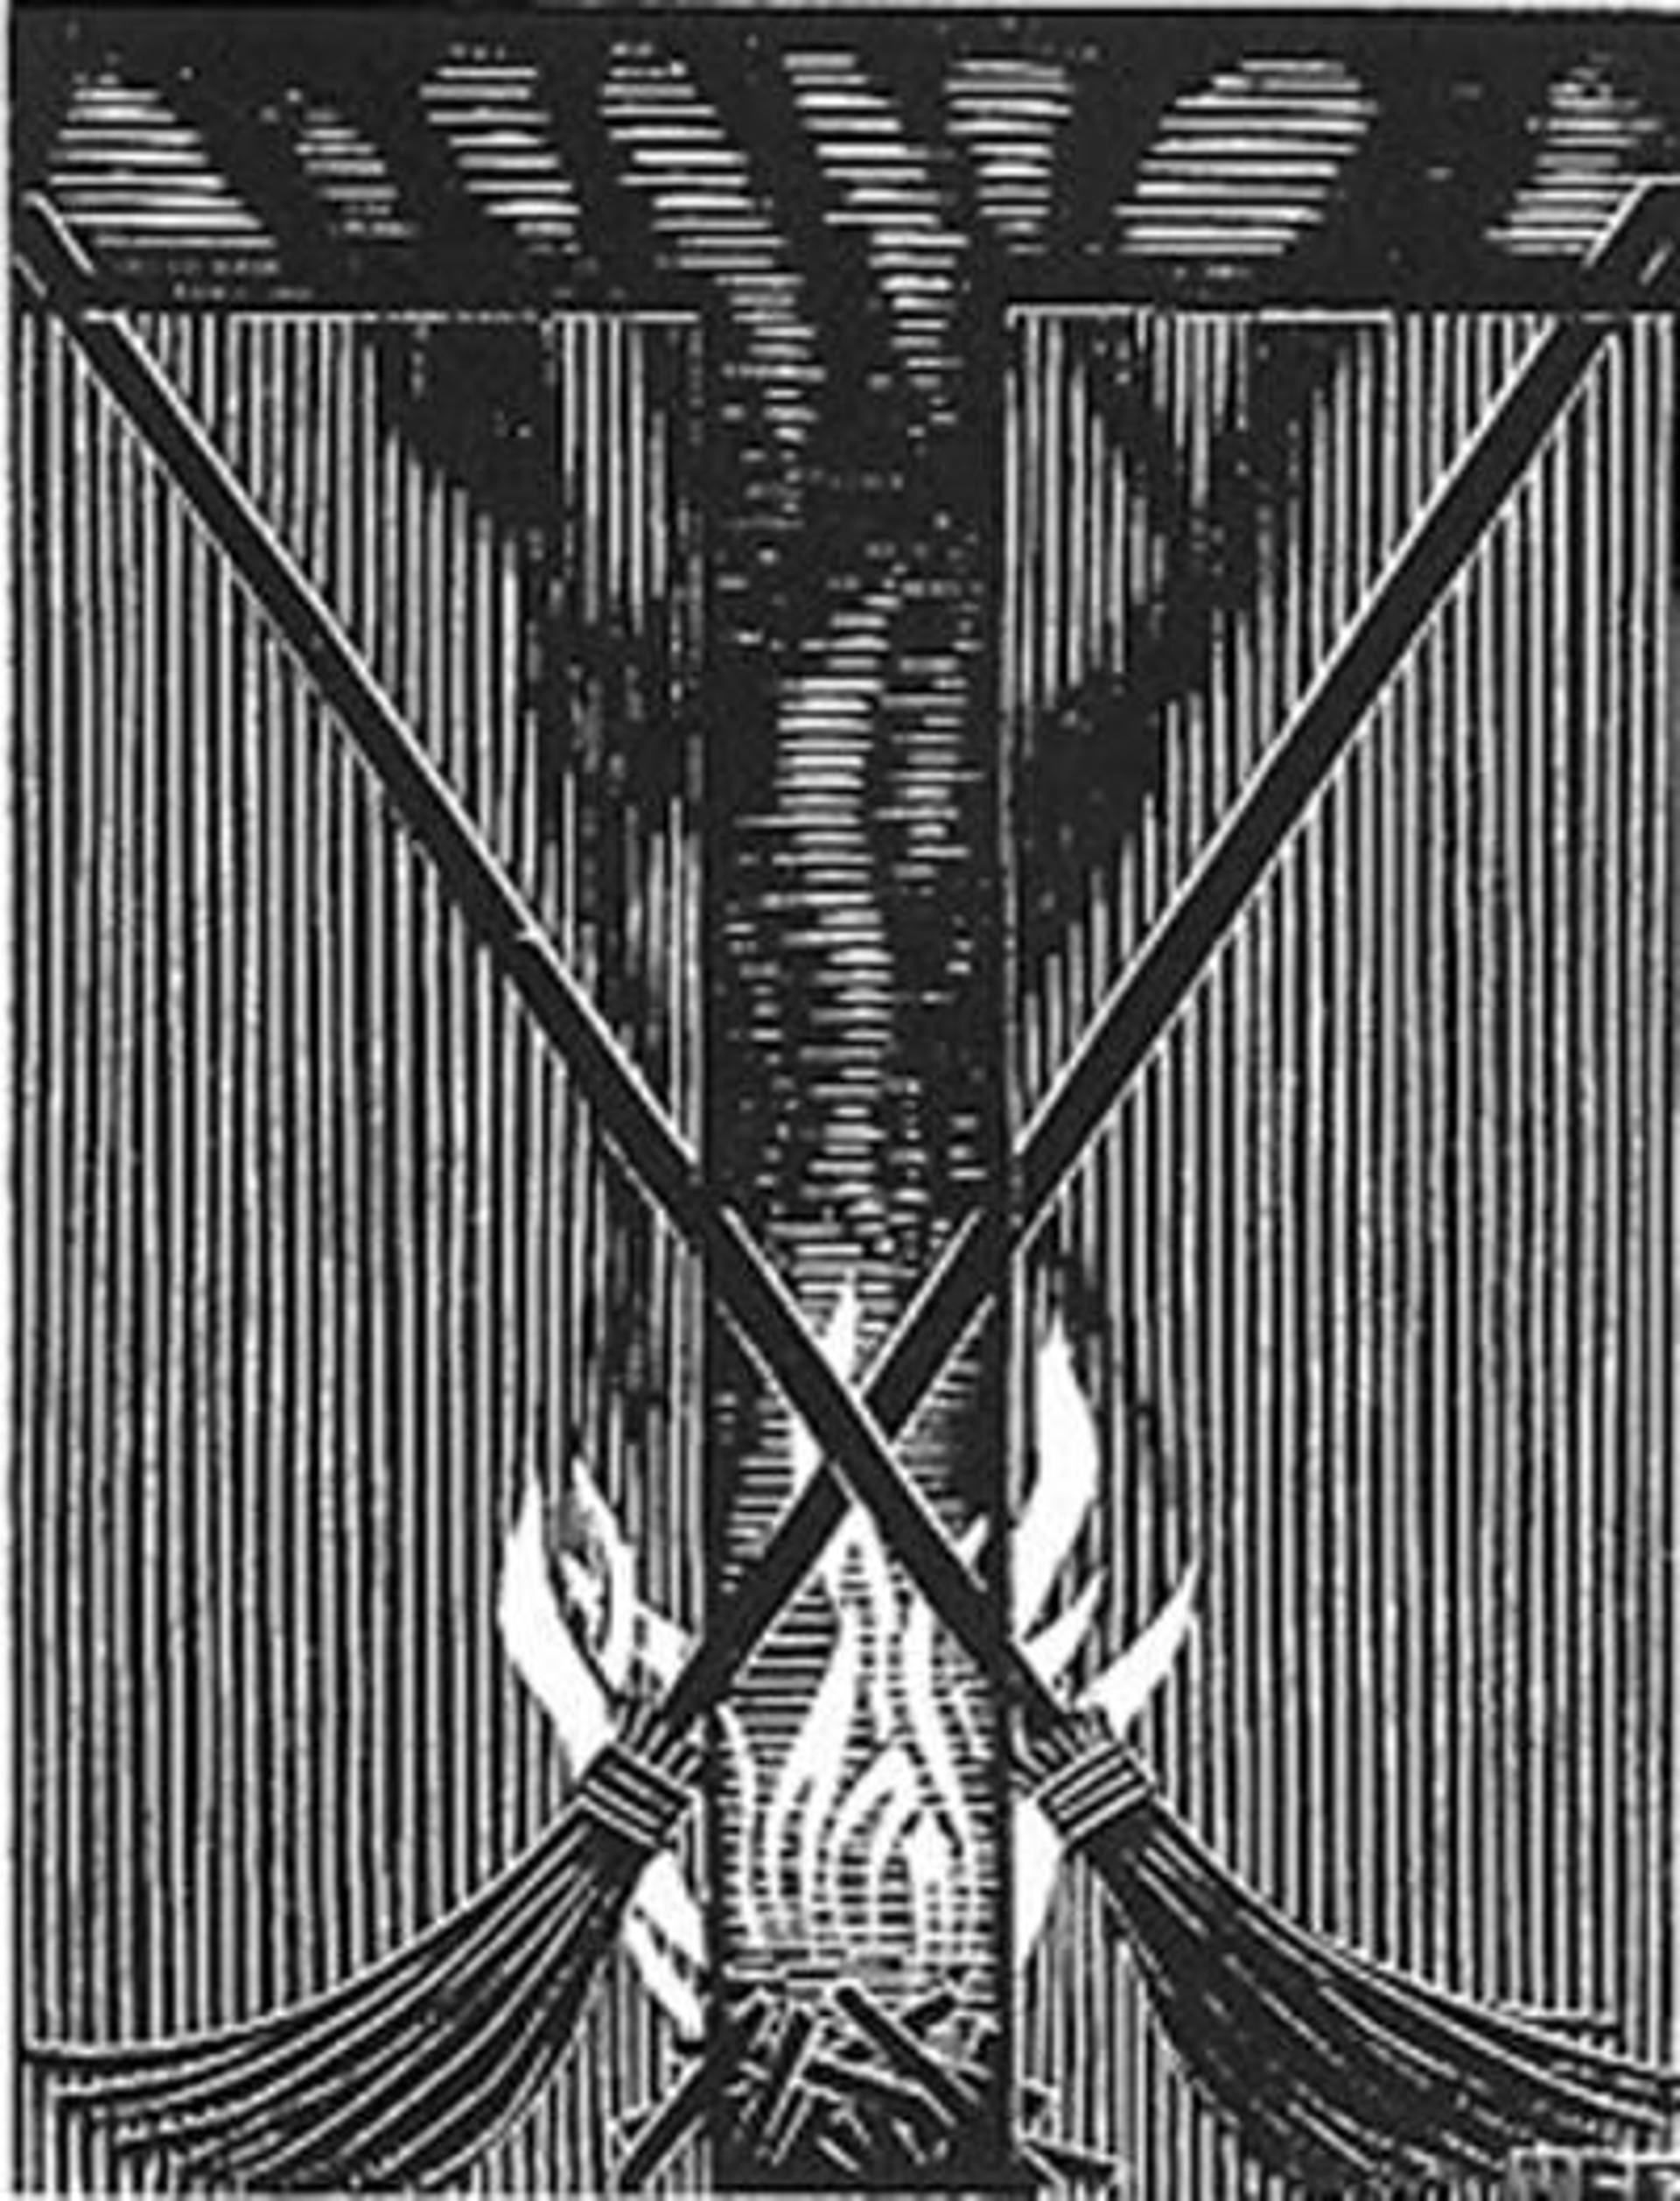 Scholastica - Initial T by M.C. Escher